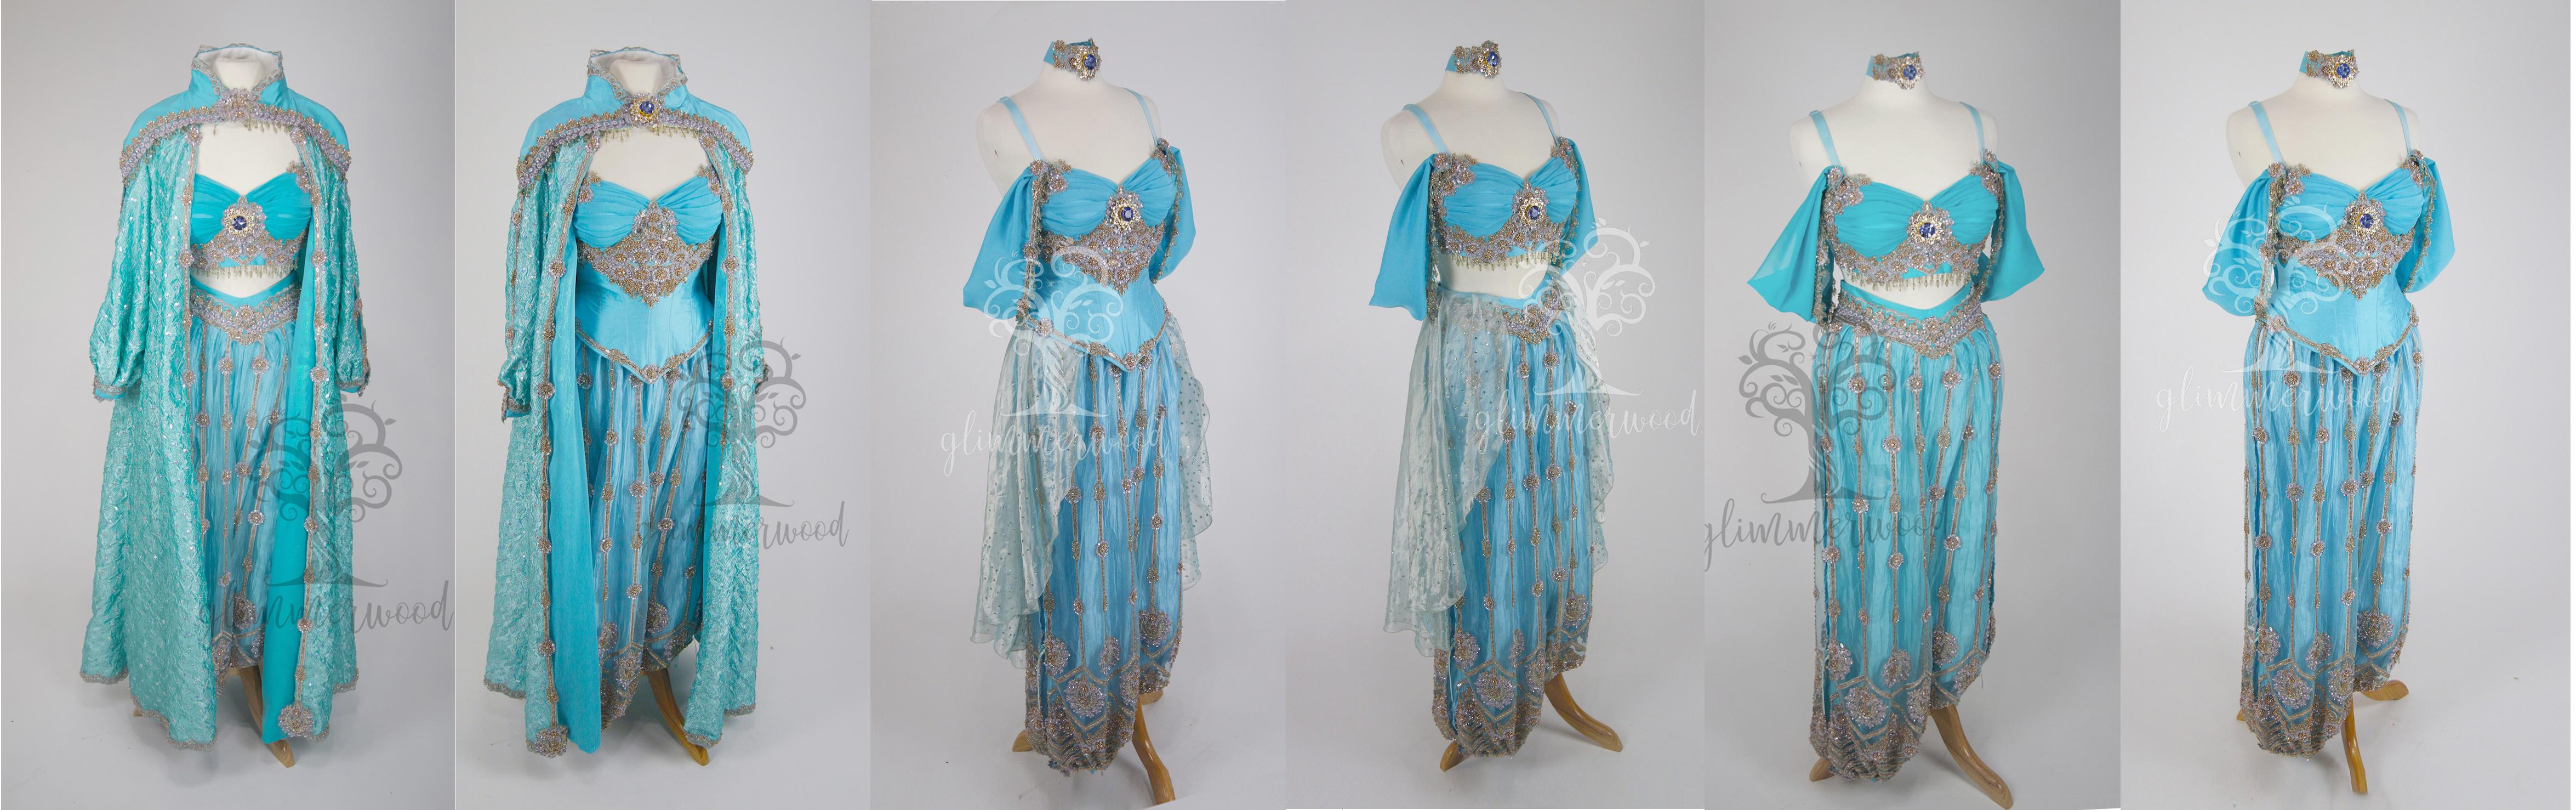 Sultana Jasmine